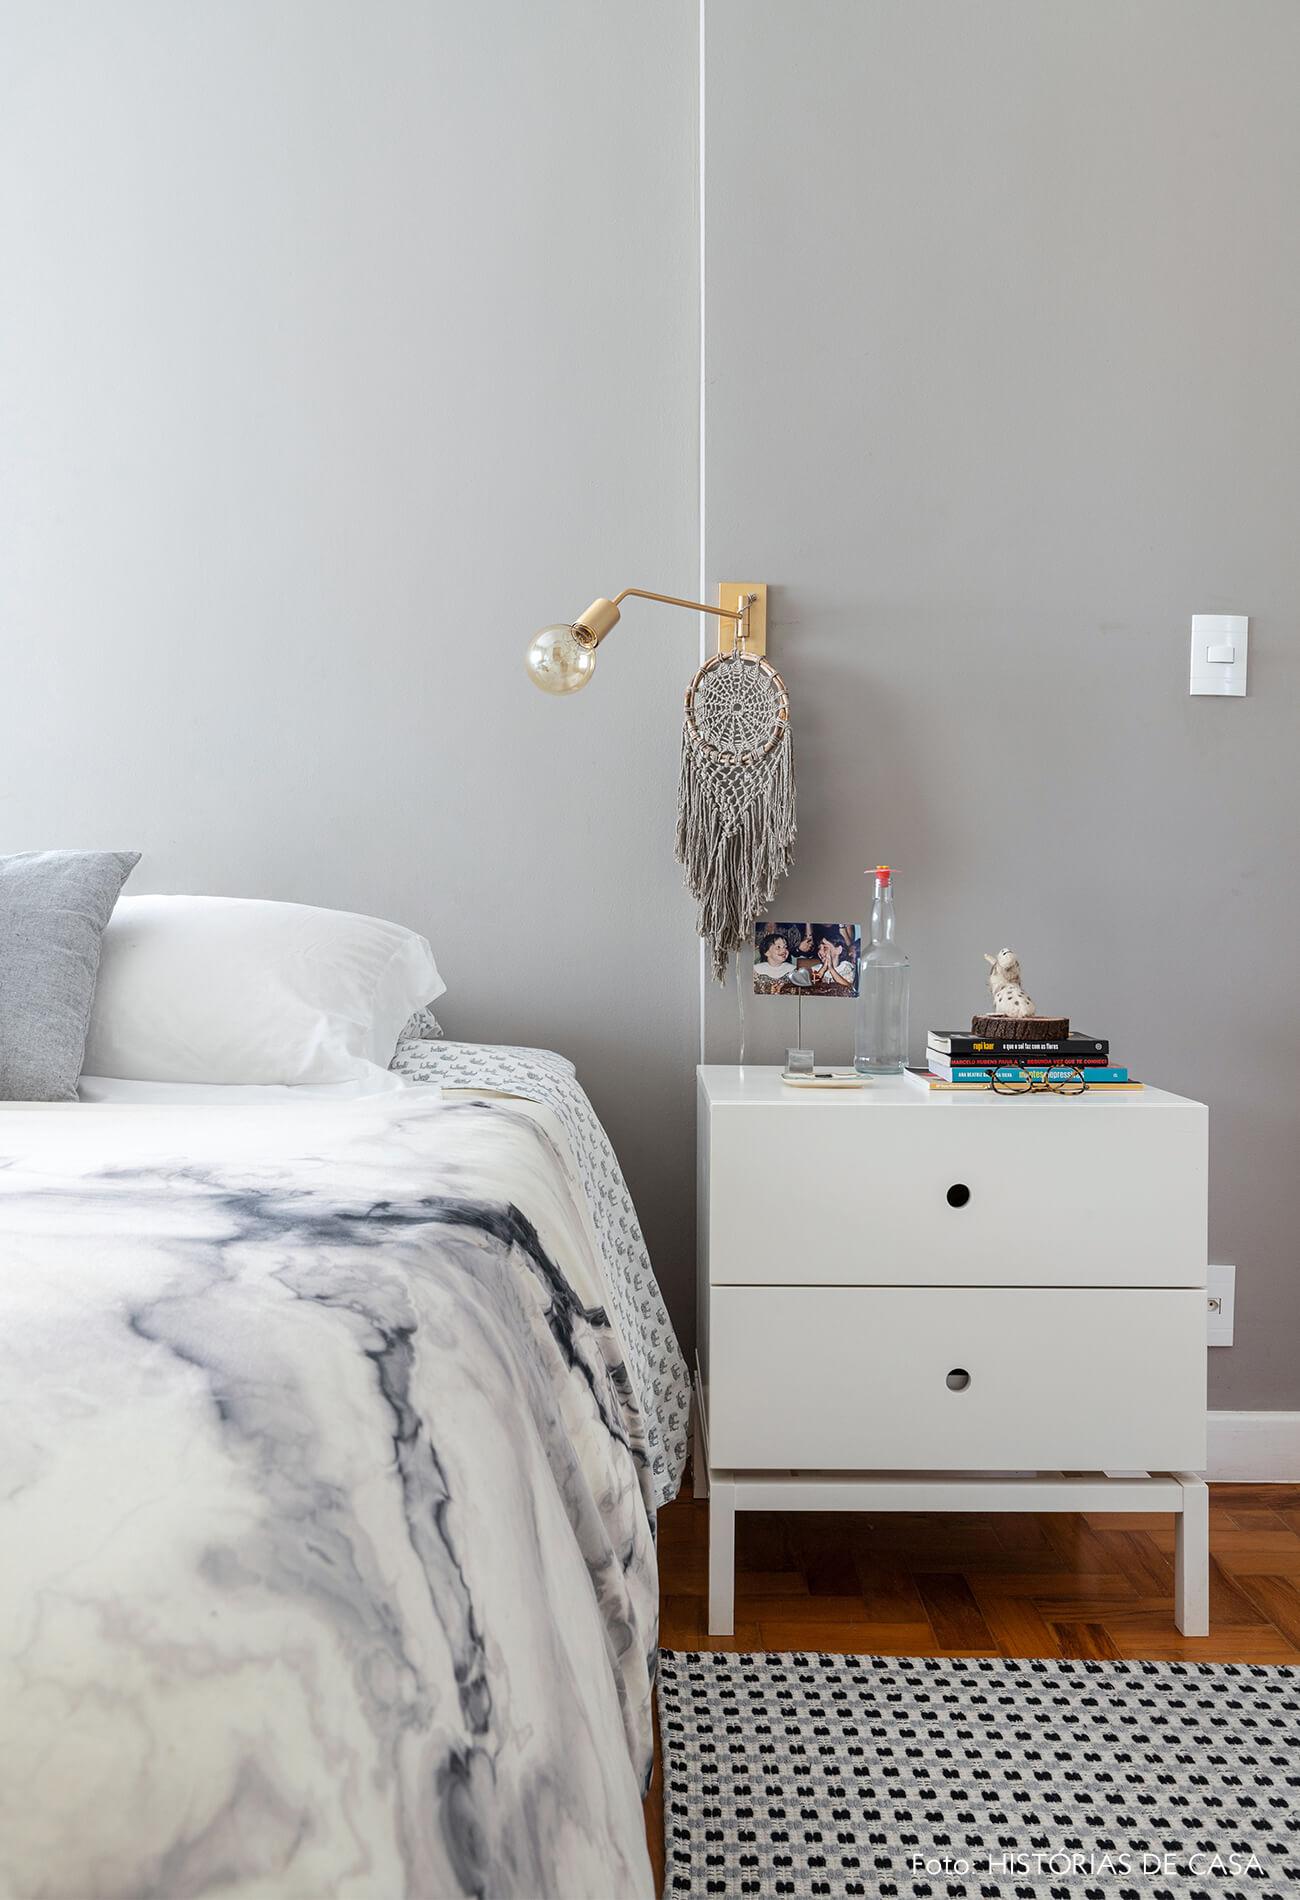 Quarto com parede cinza e tapete branco e azul